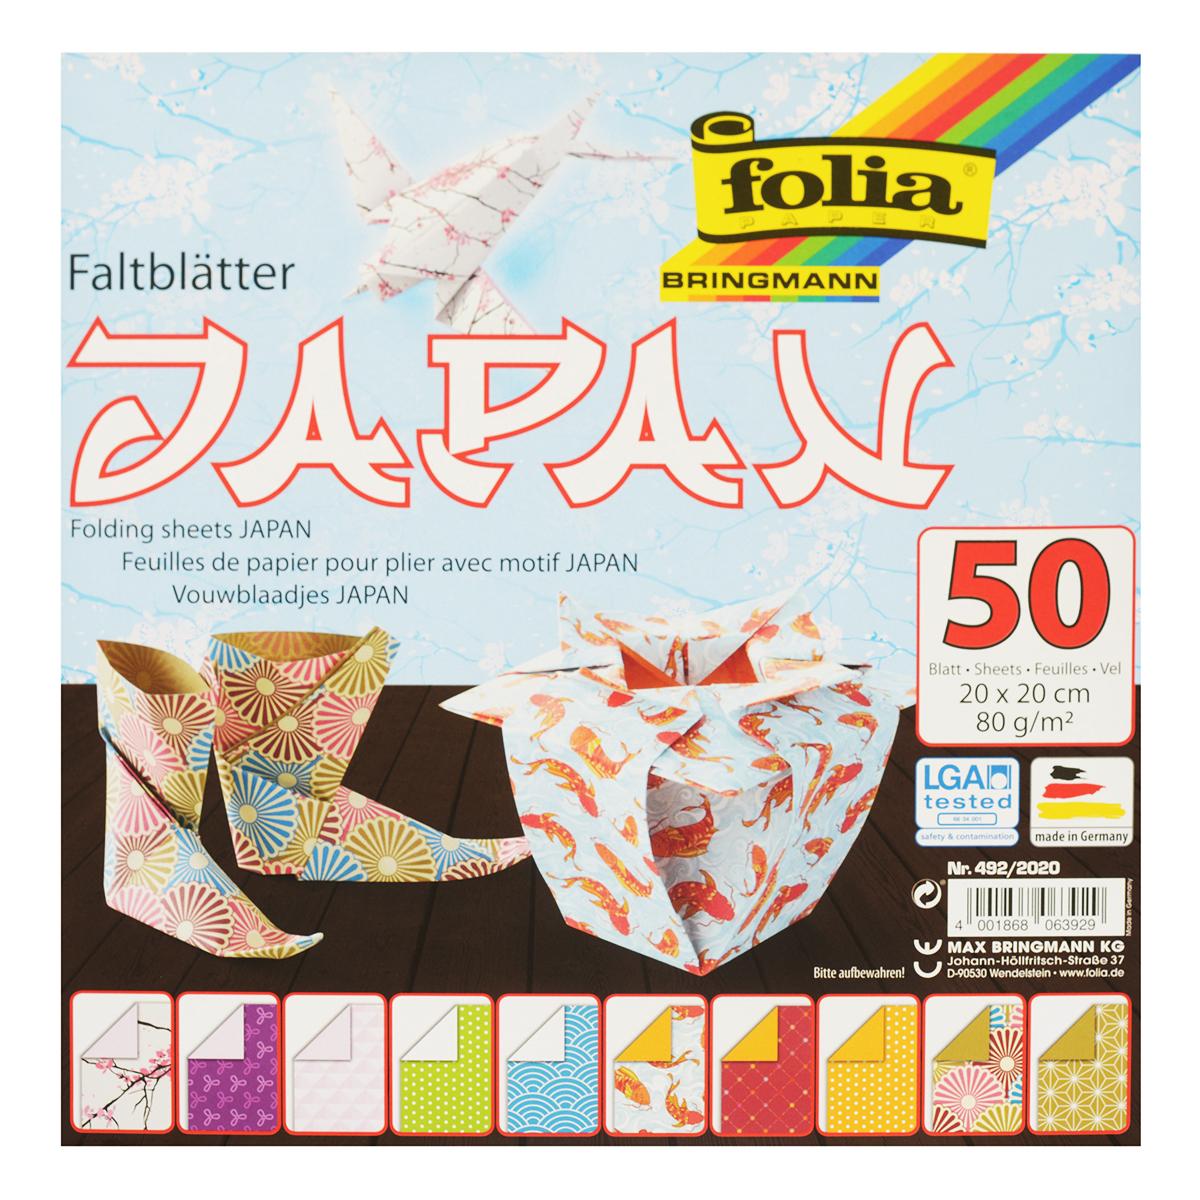 Бумага для оригами Folia Япония, цвет: сиреневый, голубой, желтый, 20 х 20 см, 50 листов7708027Набор специальной цветной двусторонней бумаги для оригами Folia Япония содержит 50 листов разных цветов, которые помогут вам и вашему ребенку сделать яркие и разнообразные фигурки. В набор входит бумага десяти разных дизайнов. С одной стороны - бумага однотонная, с другой - оформлена оригинальными узорами и орнаментами. Эти листы можно использовать для оригами, украшения для садового подсвечника или для создания новогодних звезд. При многоразовом сгибании листа на бумаге не появляются трещины, так как она обладает очень высоким качеством. Бумага хорошо комбинируется с цветным картоном. За свою многовековую историю оригами прошло путь от храмовых обрядов до искусства, дарящего радость и красоту миллионам людей во всем мире. Складывание и художественное оформление фигурок оригами интересно заполнят свободное время, доставят огромное удовольствие, радость и взрослым и детям. Увлекательные занятия оригами развивают мелкую моторику рук, воображение,...